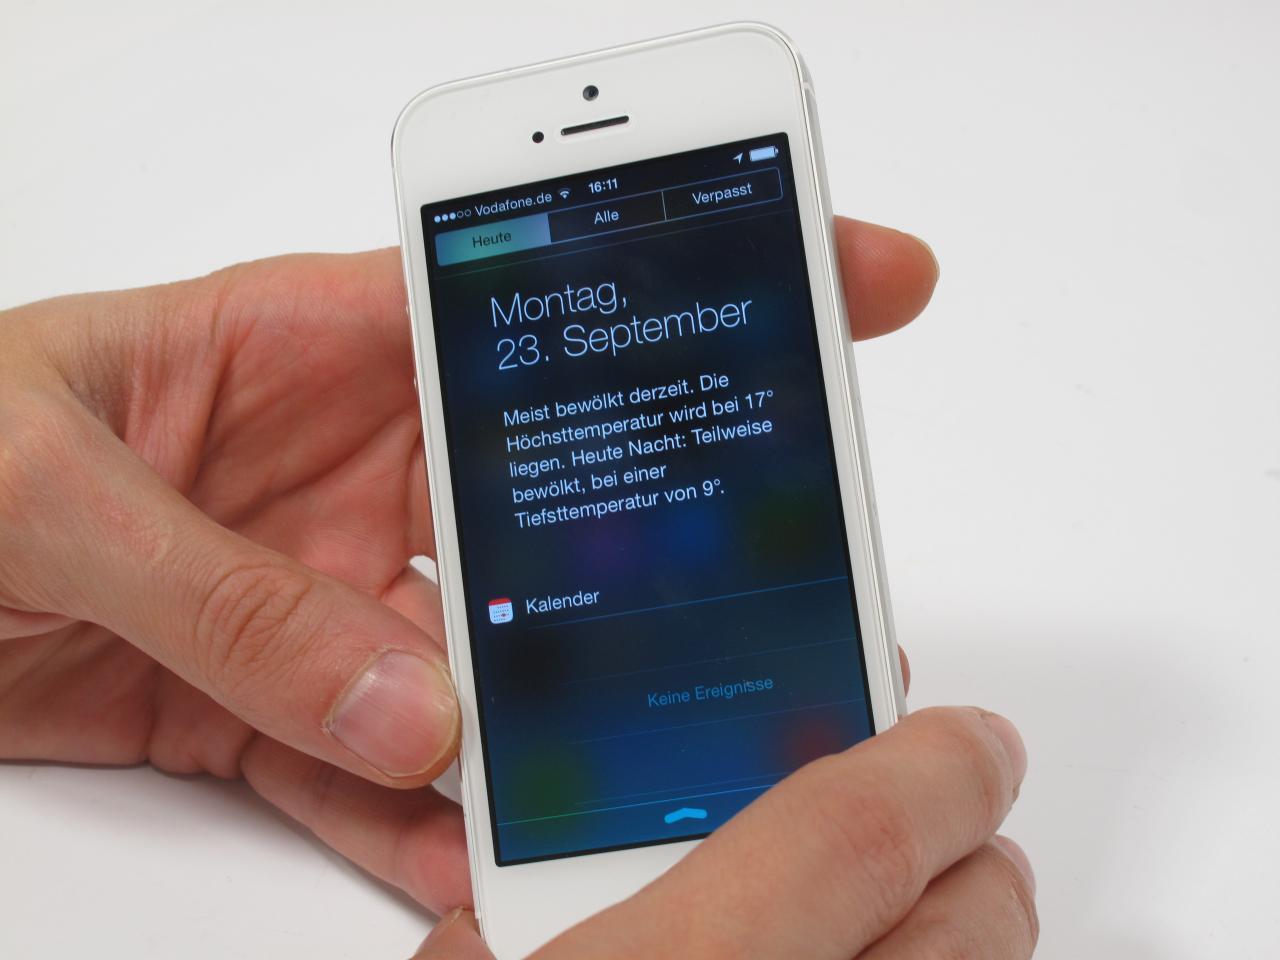 iphone 6 wert berechnen u wert youtube apple gebrauchtes. Black Bedroom Furniture Sets. Home Design Ideas